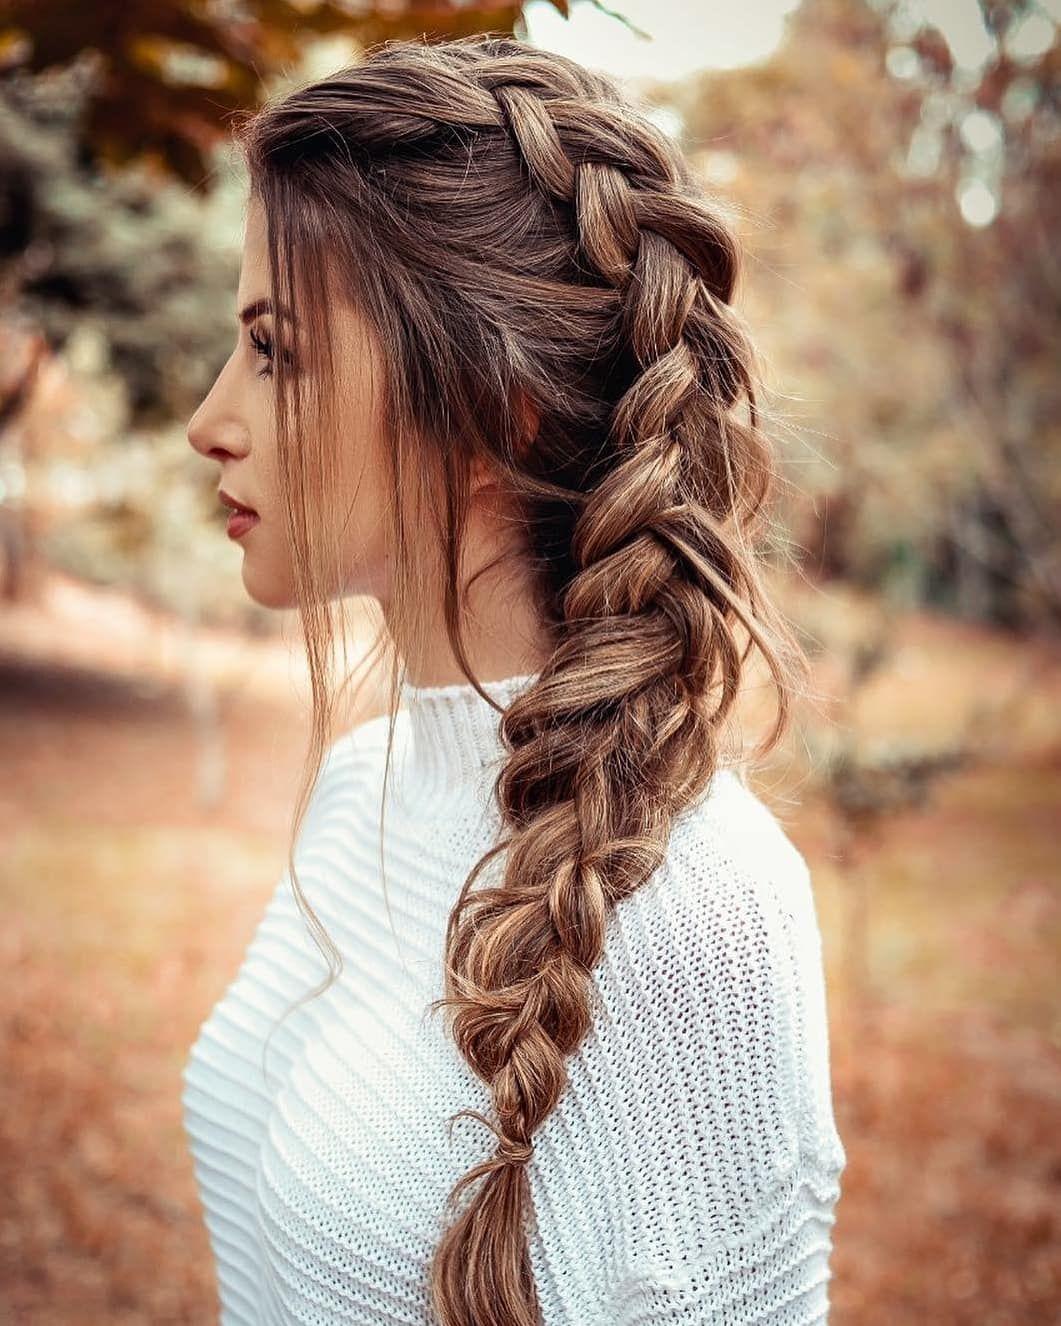 76+ Brilliant Half Up Half Down Women Hairstyles #hair # ...